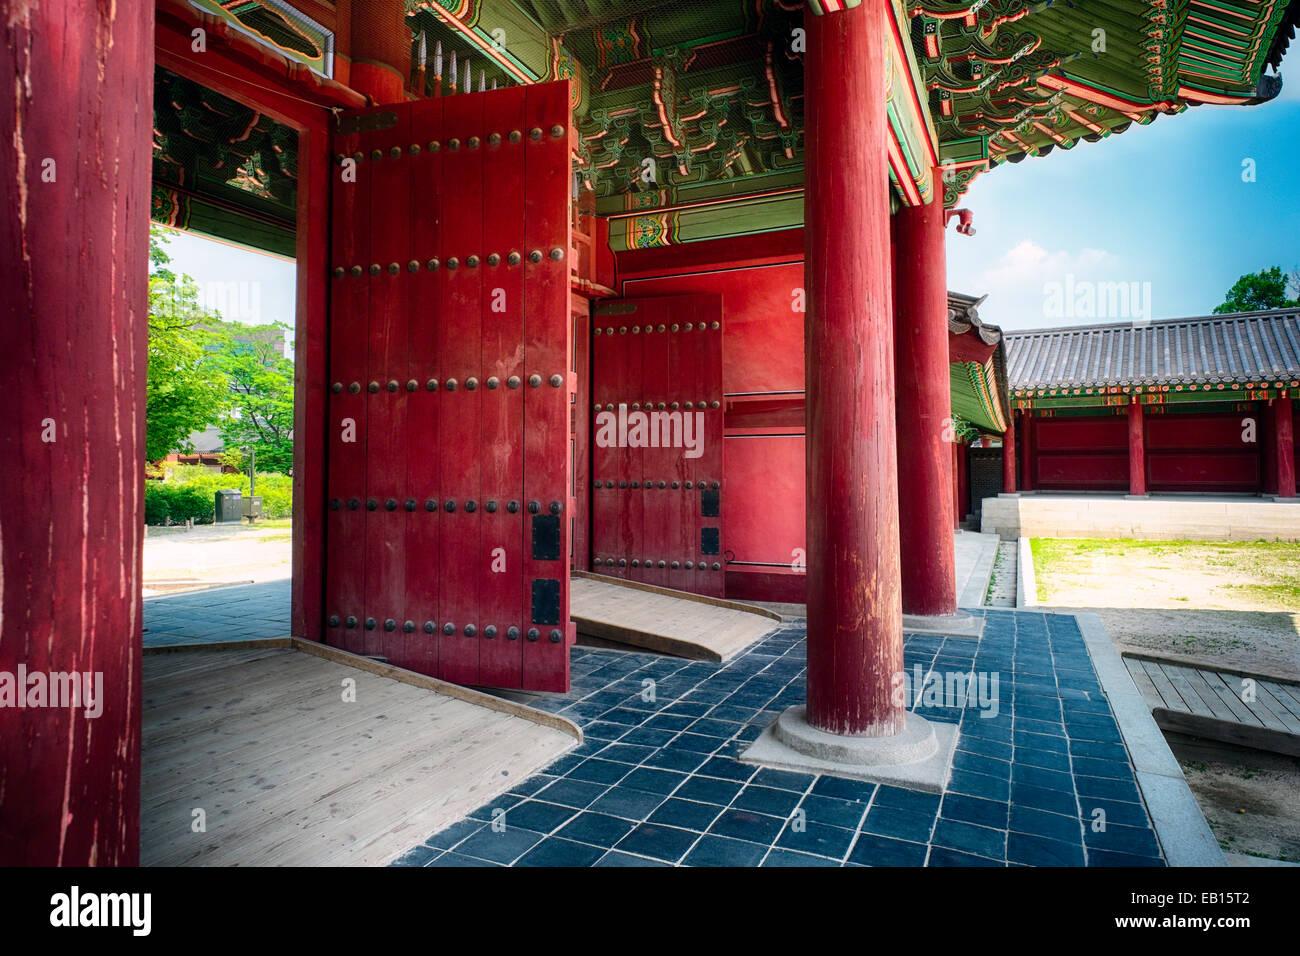 Puertas interiores del palacio Changdeok, Seúl, Corea del Sur Imagen De Stock